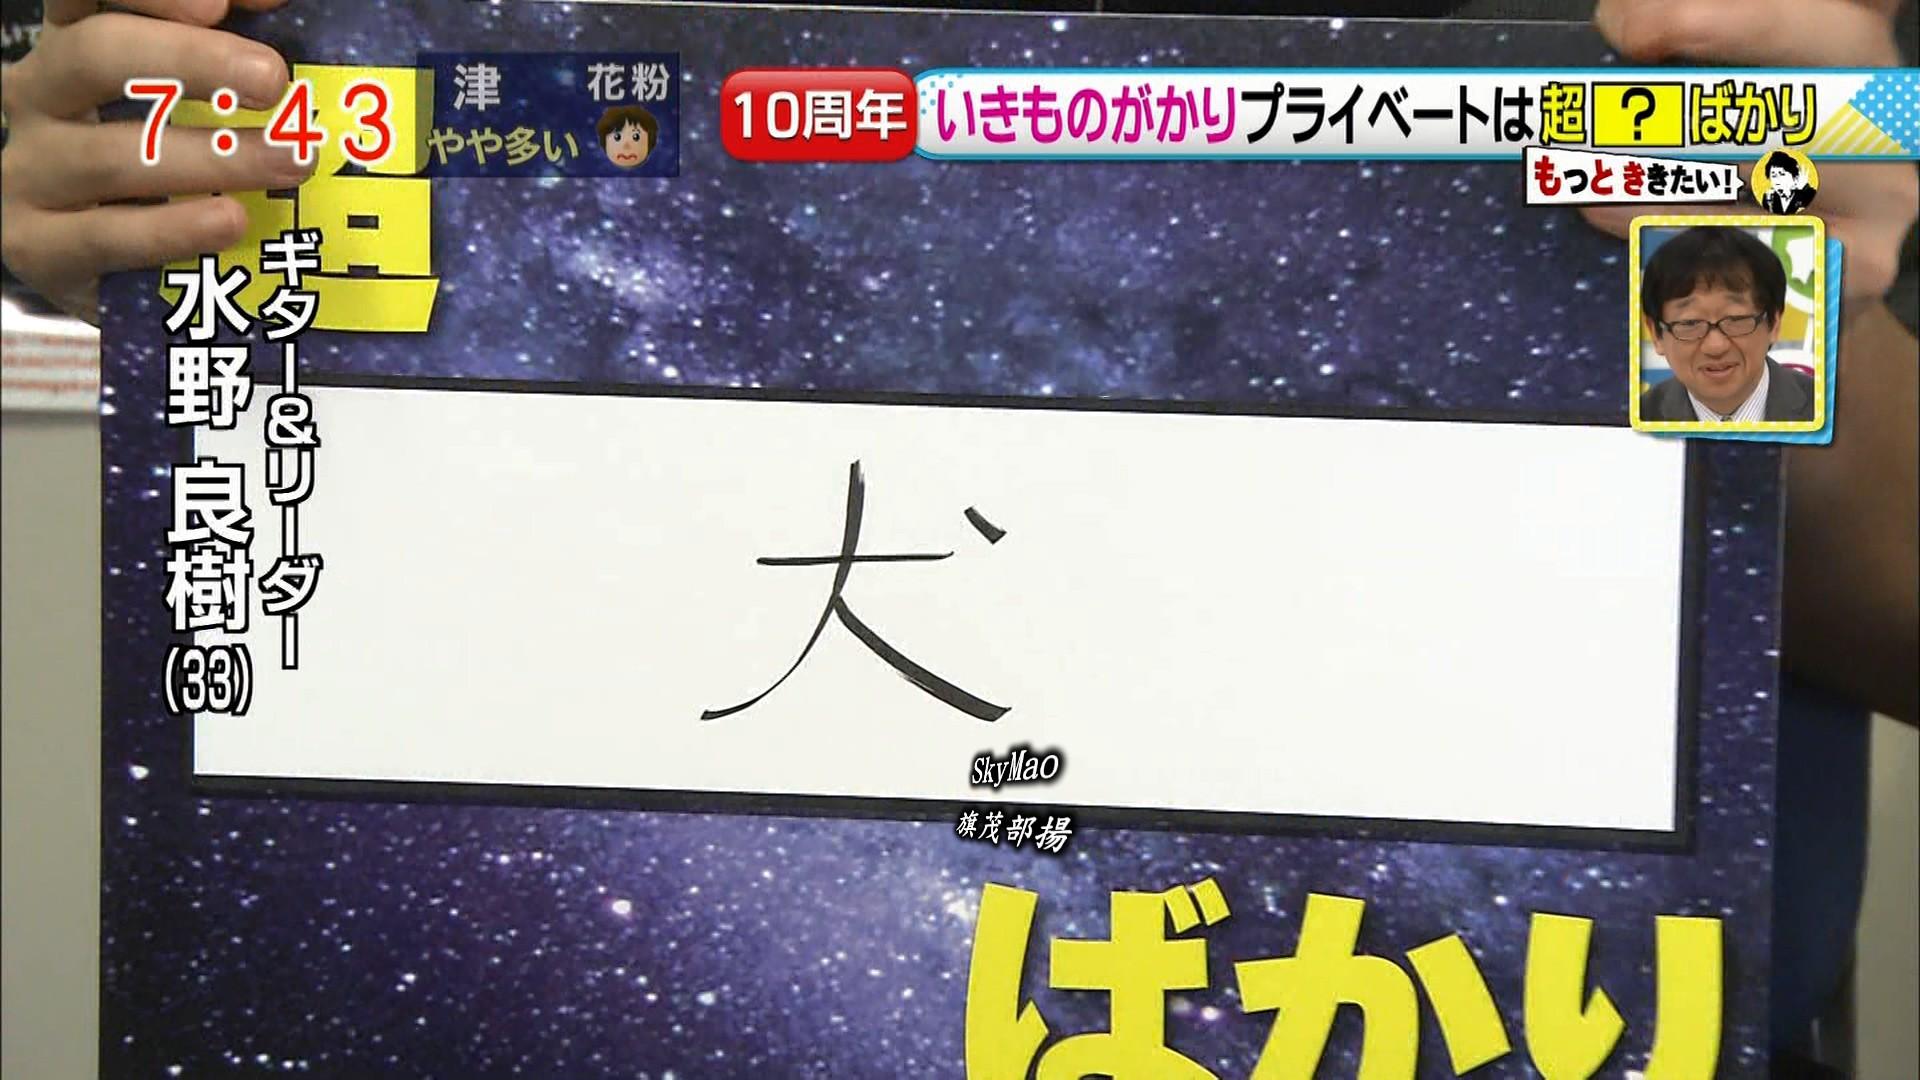 2016.03.28 いきものがかり(ドデスカ!).ts_20160328_141248.267